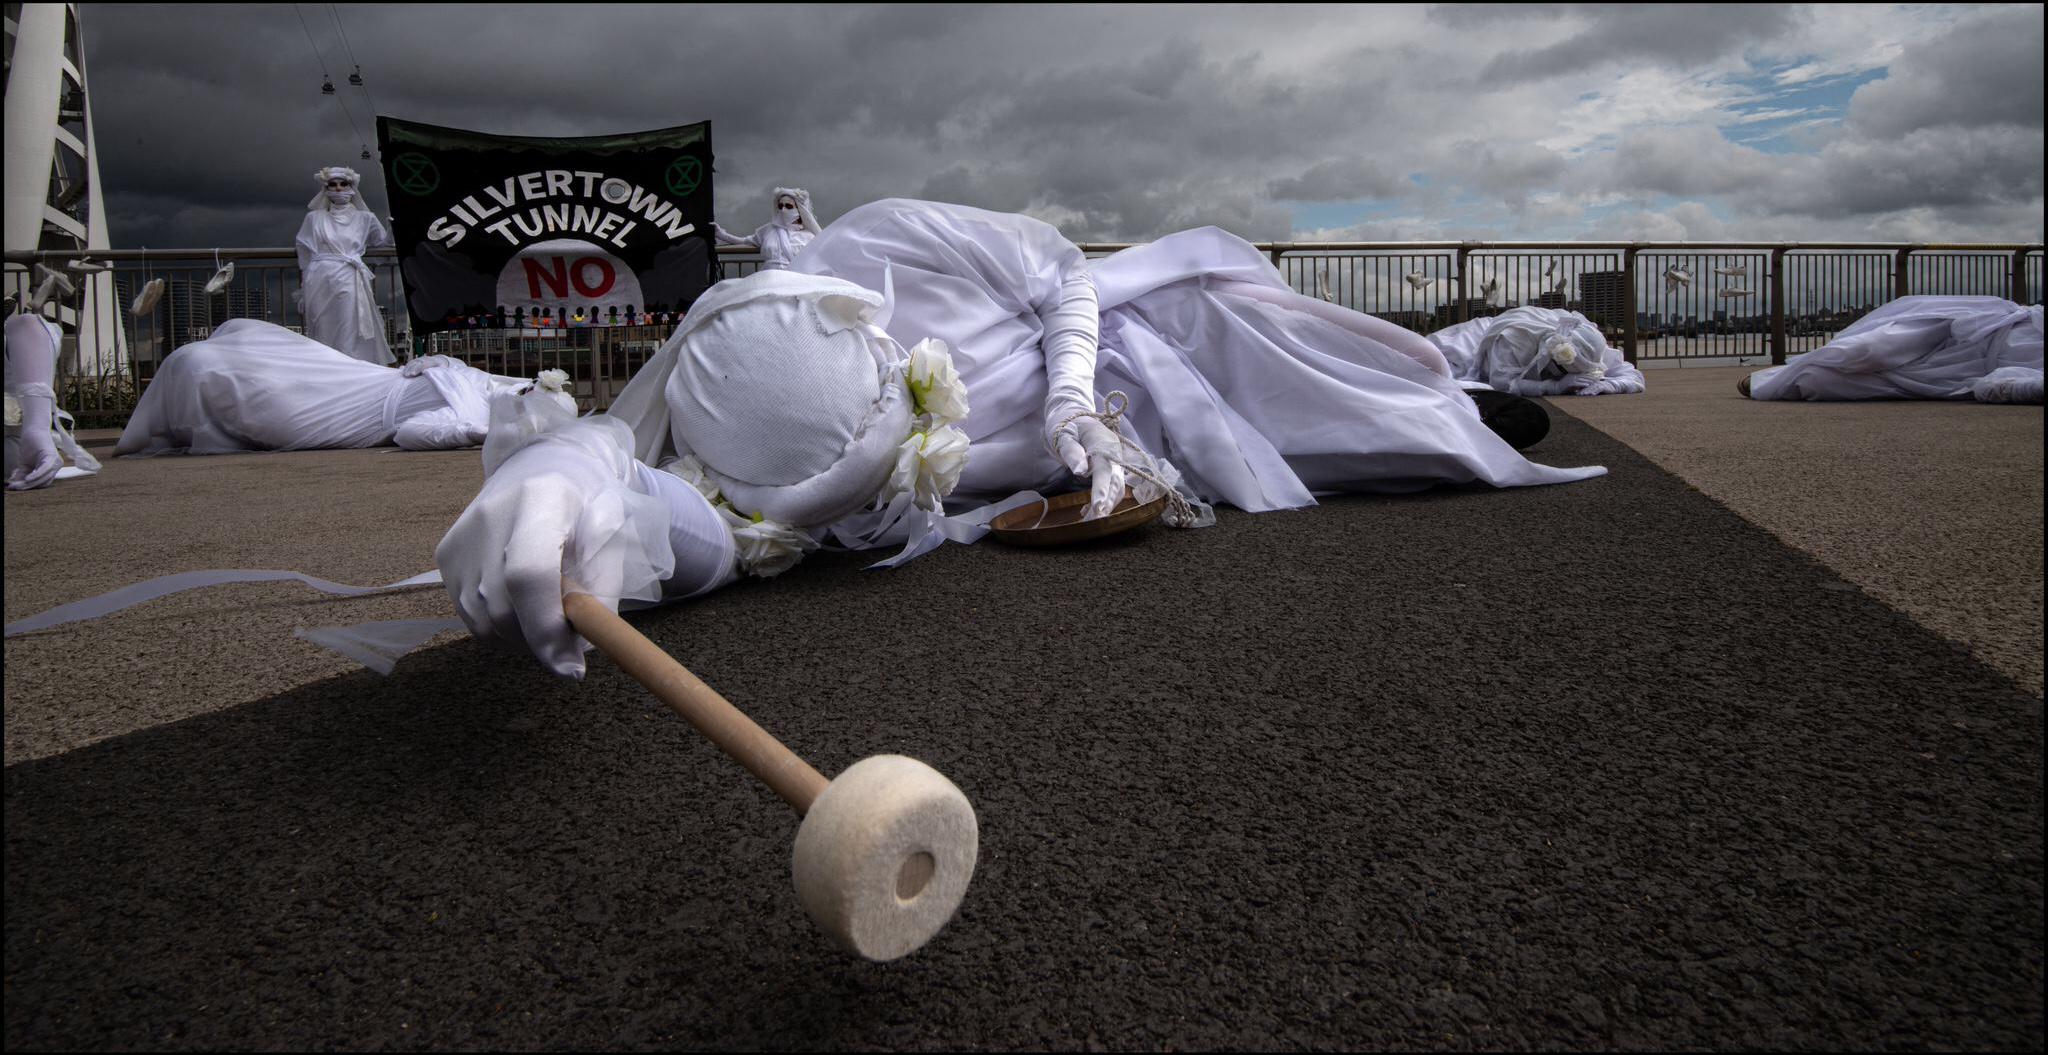 Photograph credit Ben Darlington benjamindarlington.com